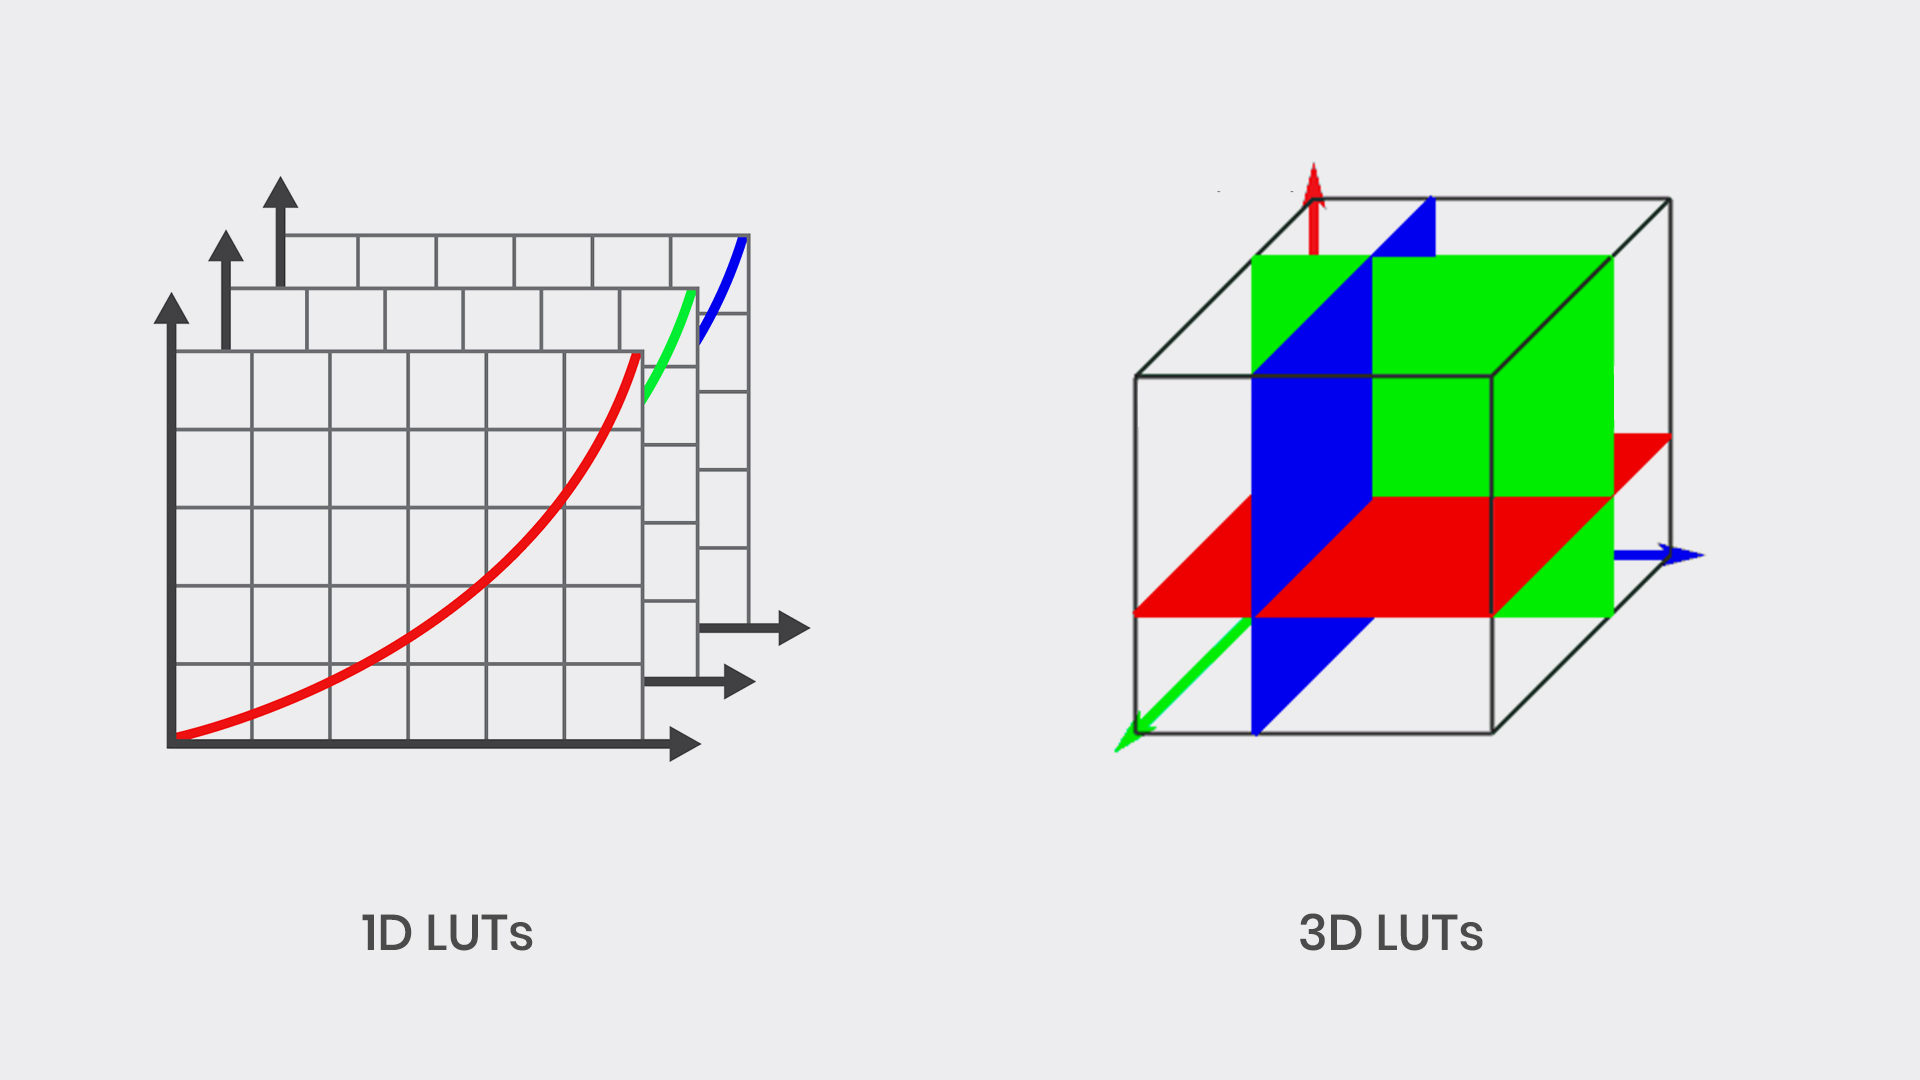 1D LUTs vs. 3D LUTs